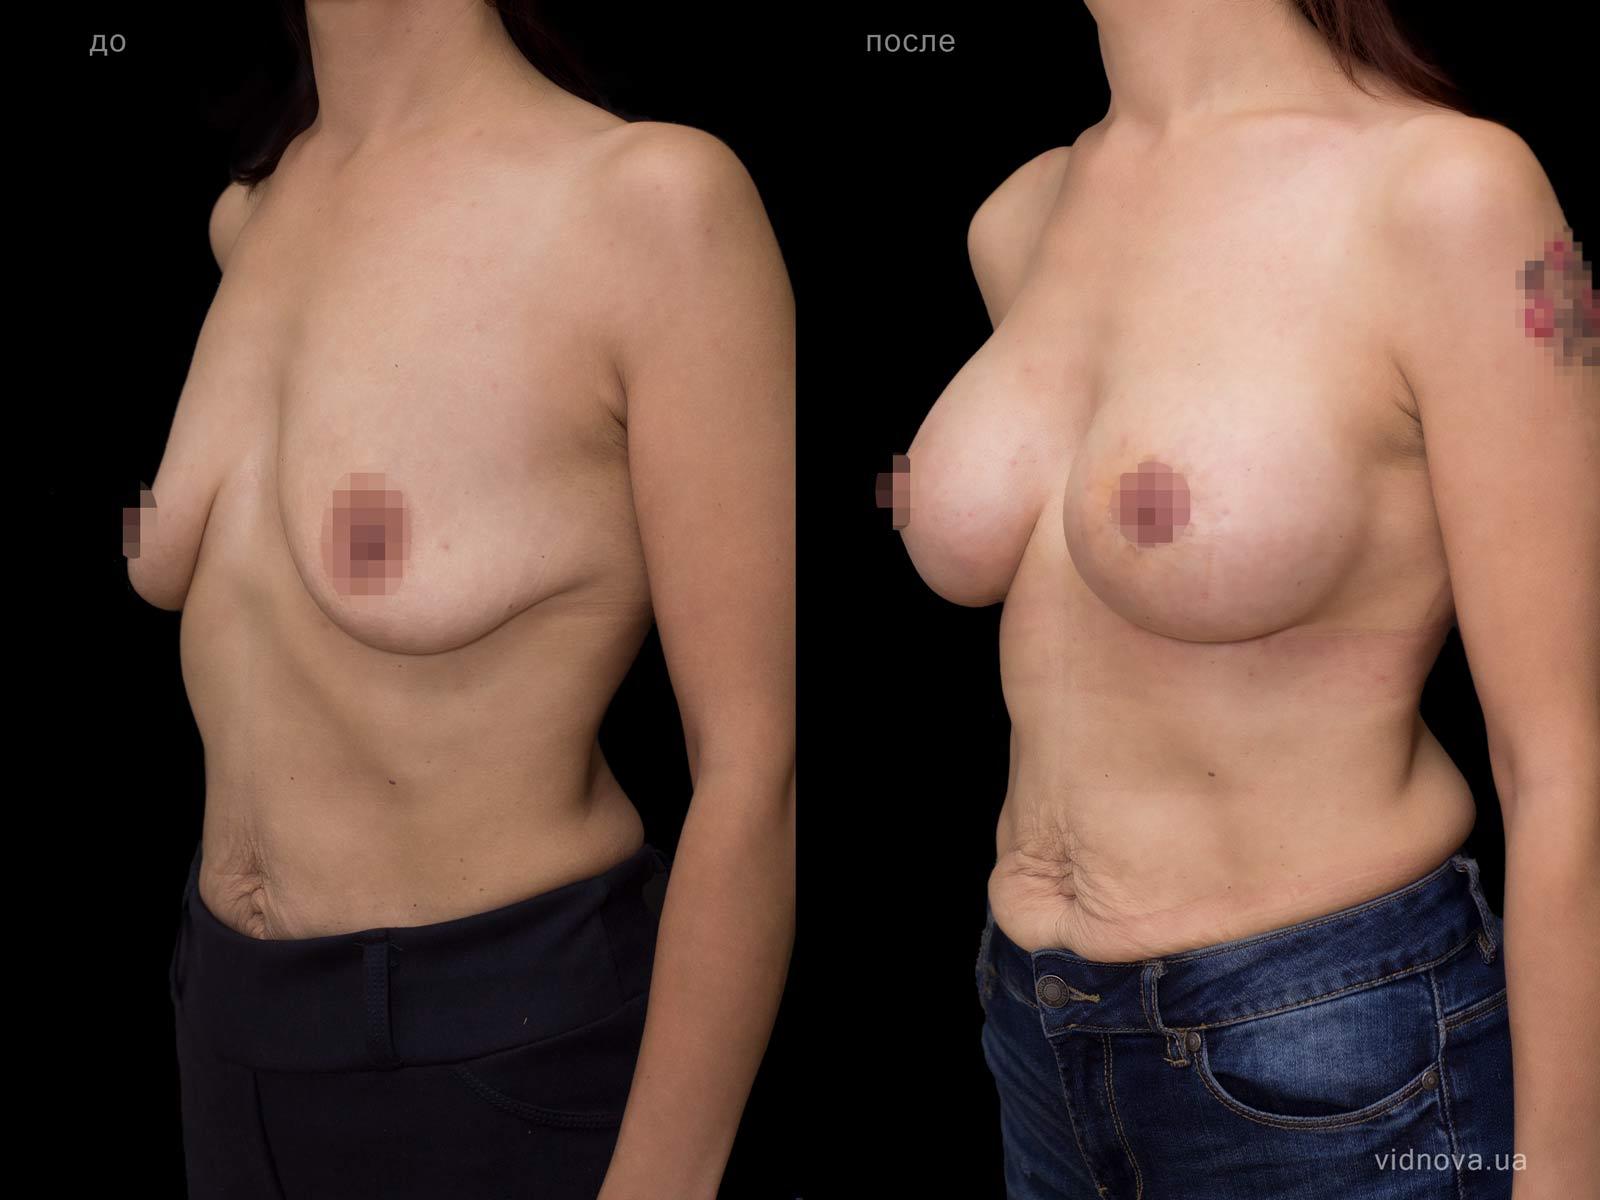 Пластика груди: результаты до и после - Пример №80-1 - Светлана Работенко